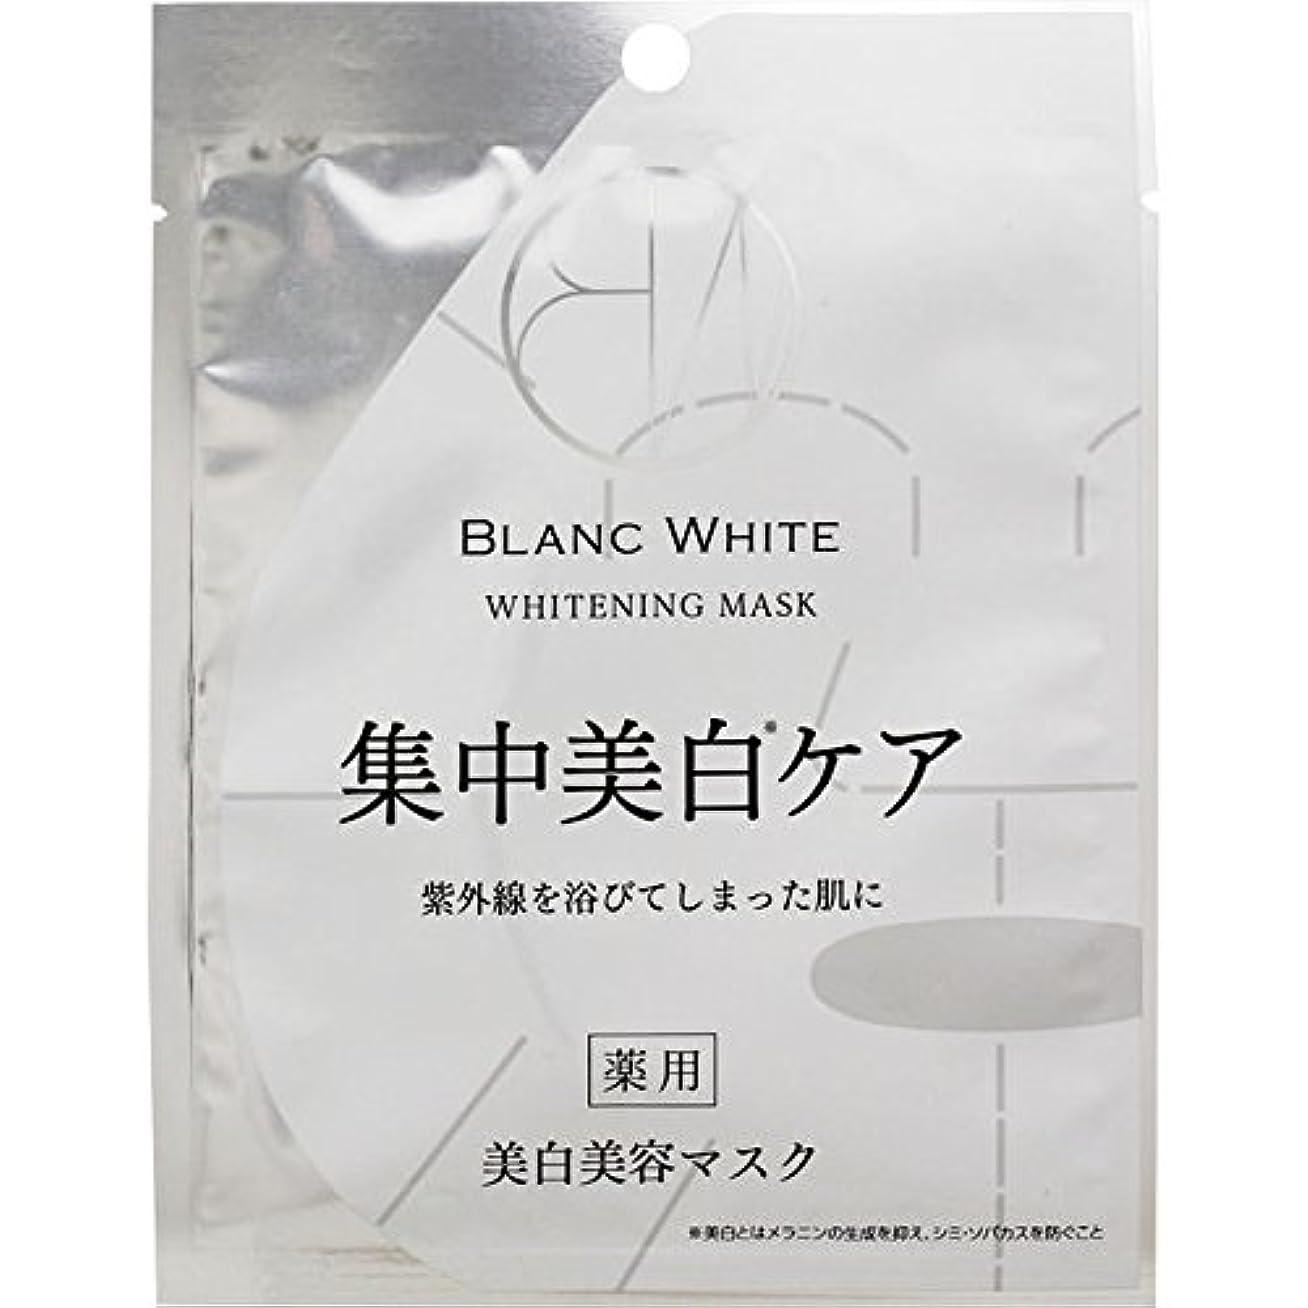 僕の収穫教科書ブランホワイト ホワイトニングマスク 1枚【21ml】 (医薬部外品)